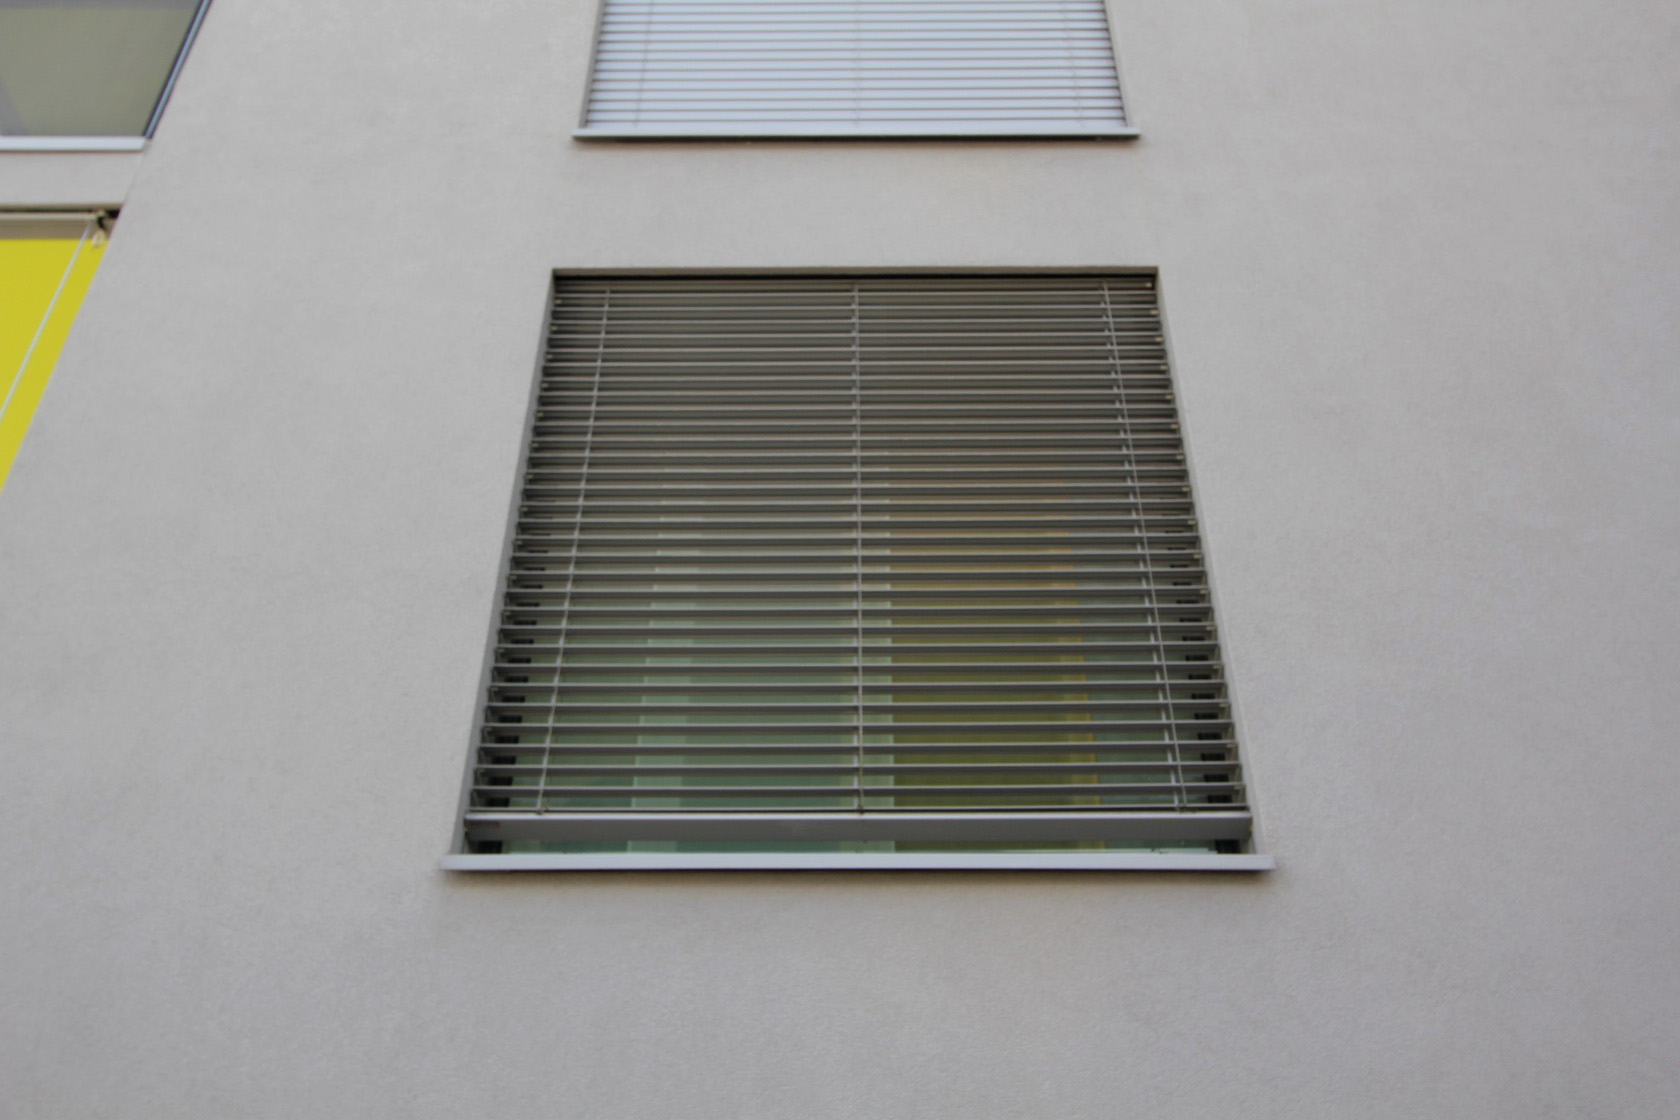 ミネルギハウスP:チューリッヒの4・5階建て木造集合住宅 3_e0054299_1017442.jpg